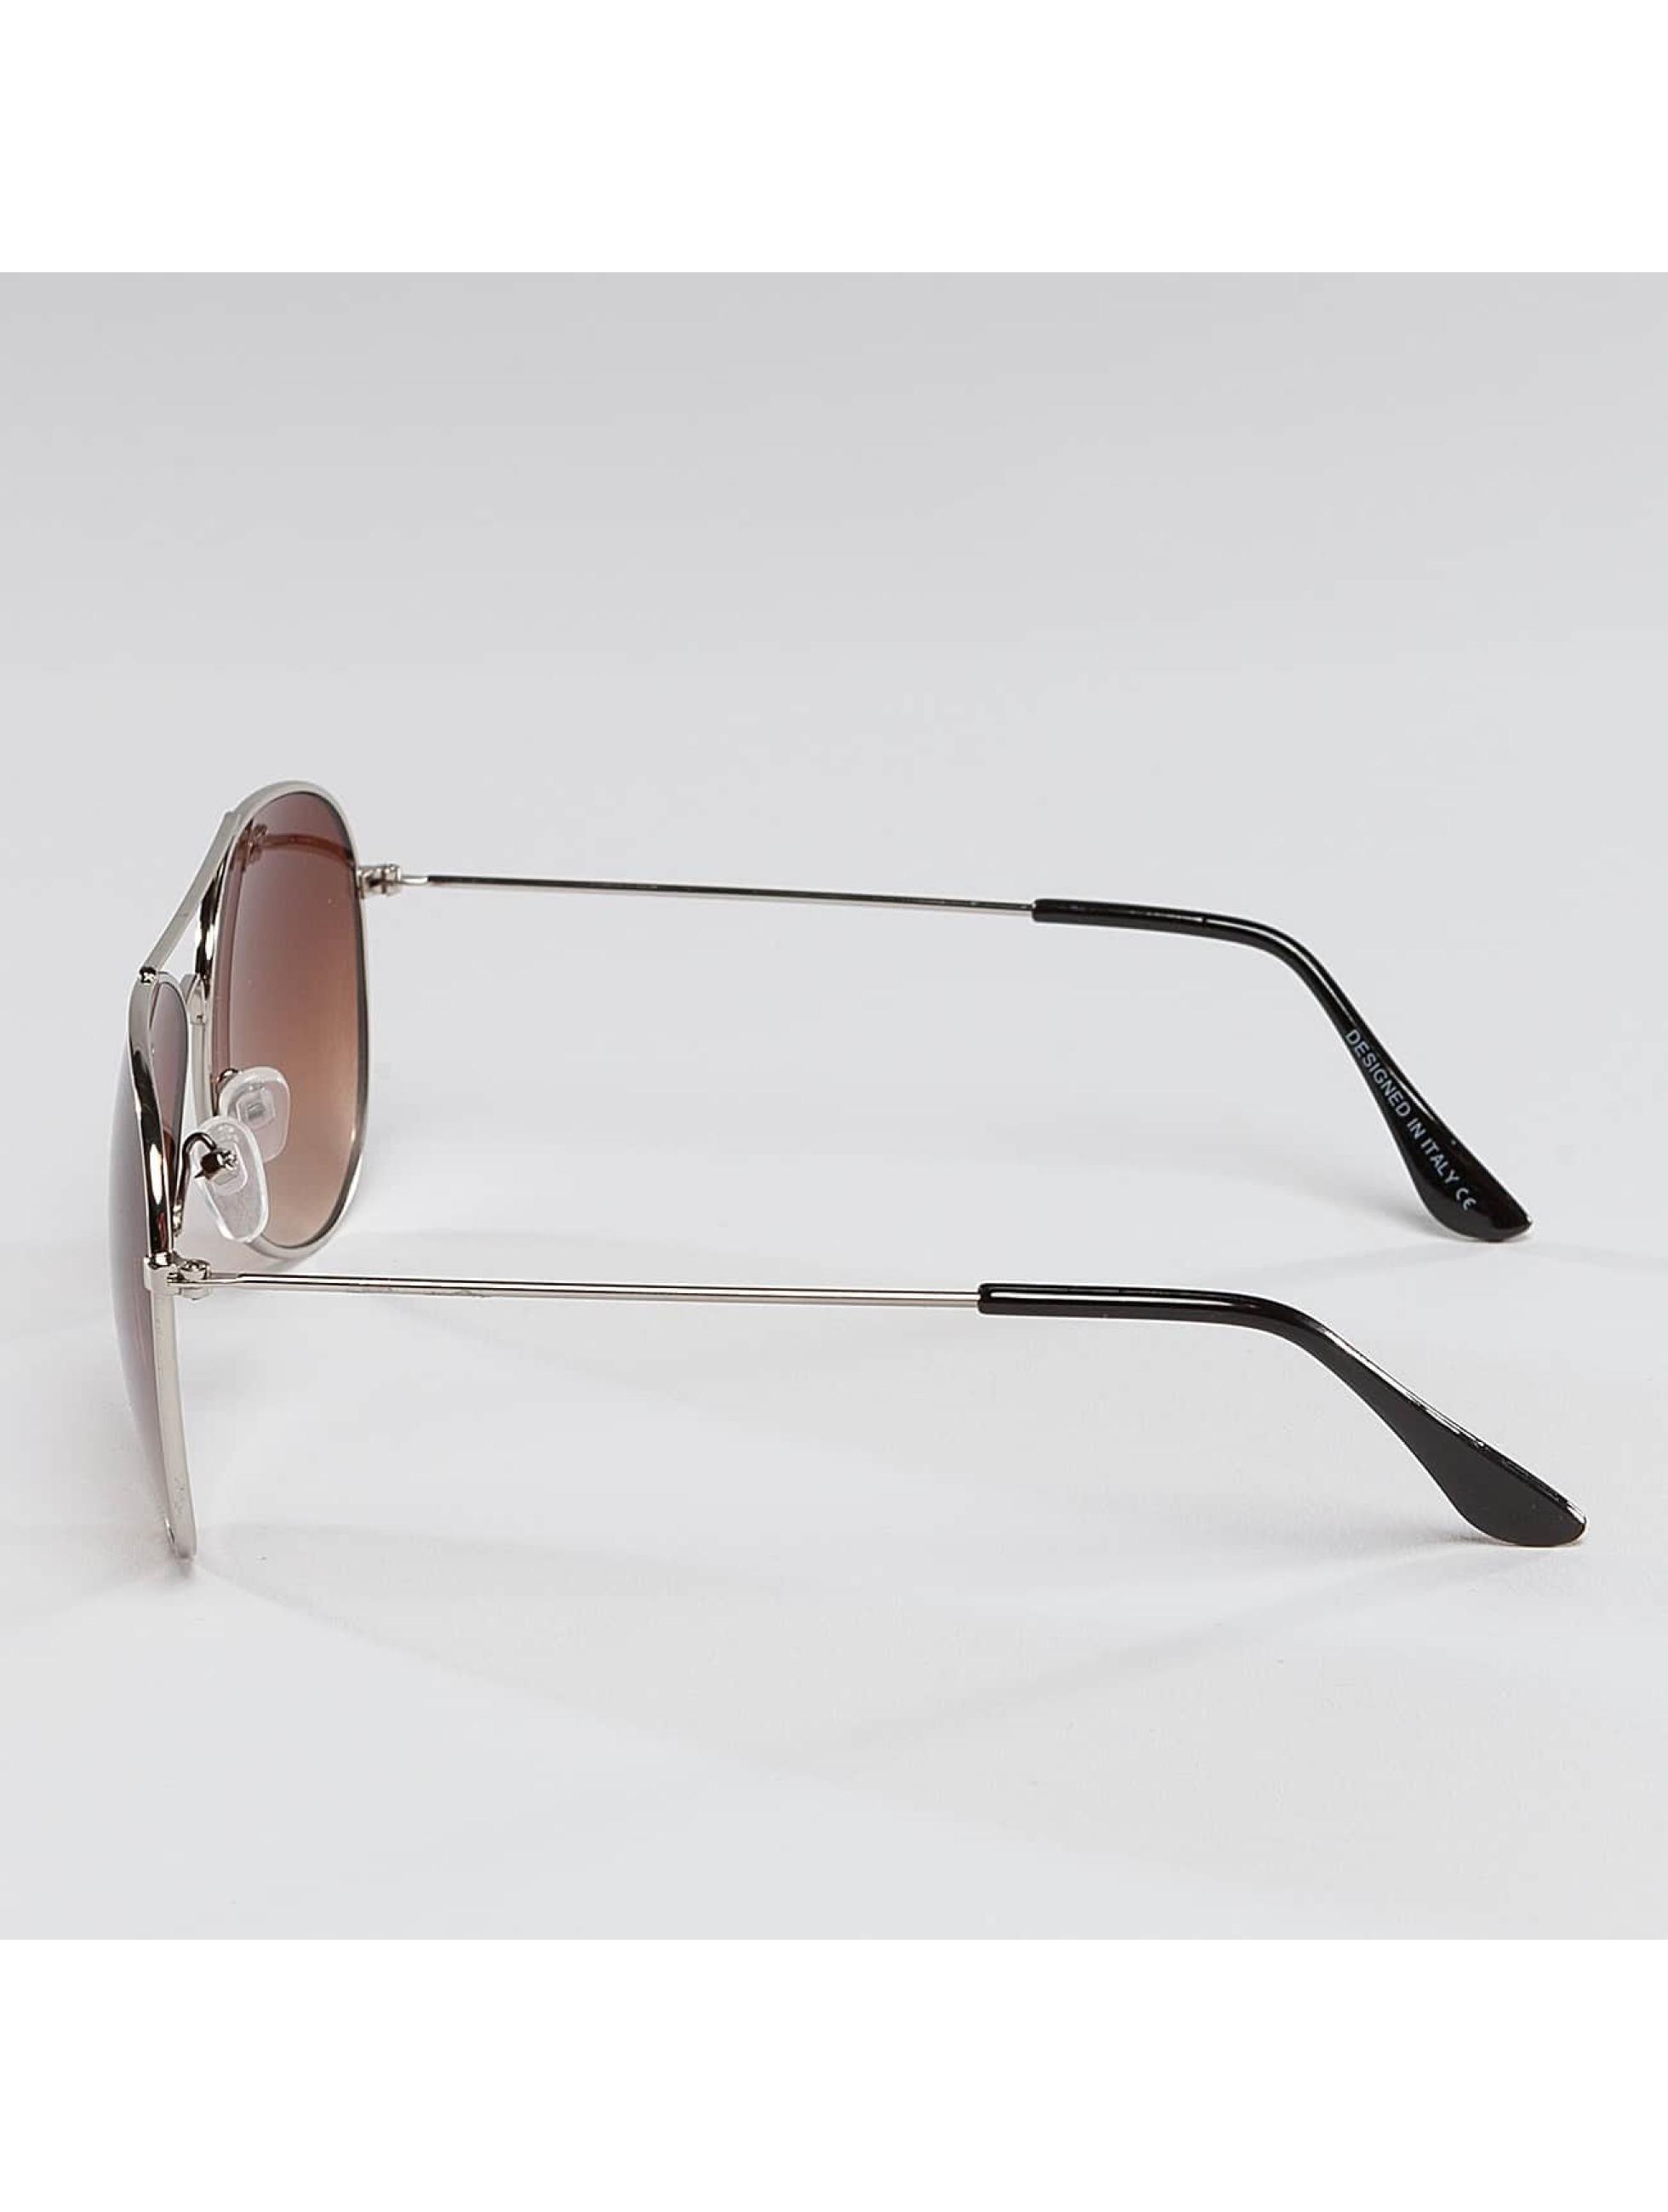 Hailys Gafas Pilot plata